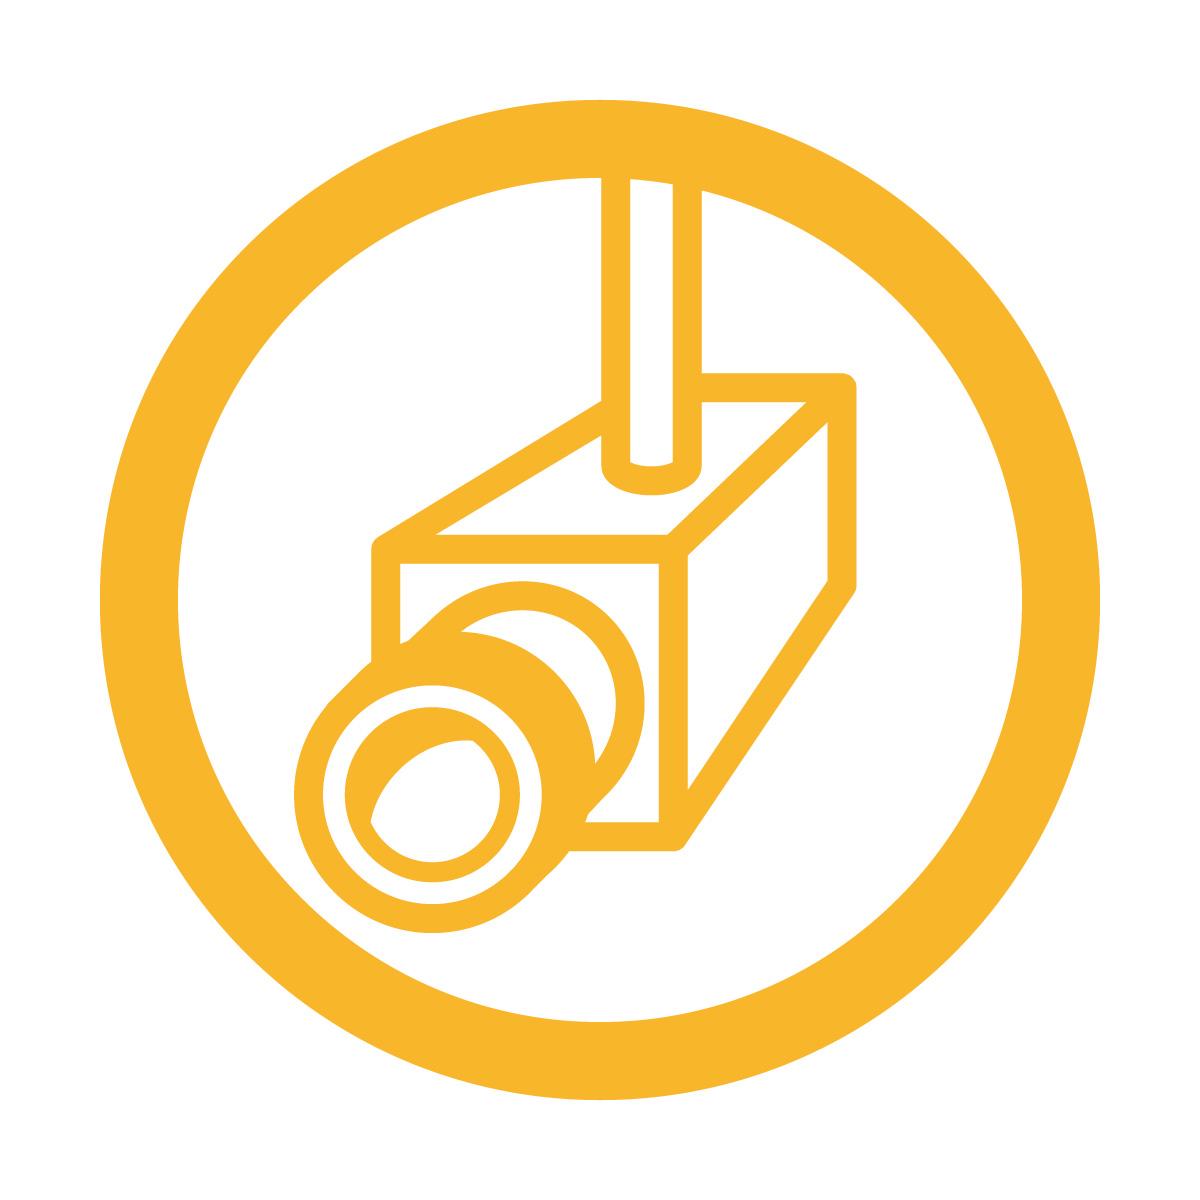 黄色の防犯カメラ・撮影中・録画中・万引き対策マークのカッティングステッカー・シール 光沢タイプ・防水・耐水・屋外耐候3~4年